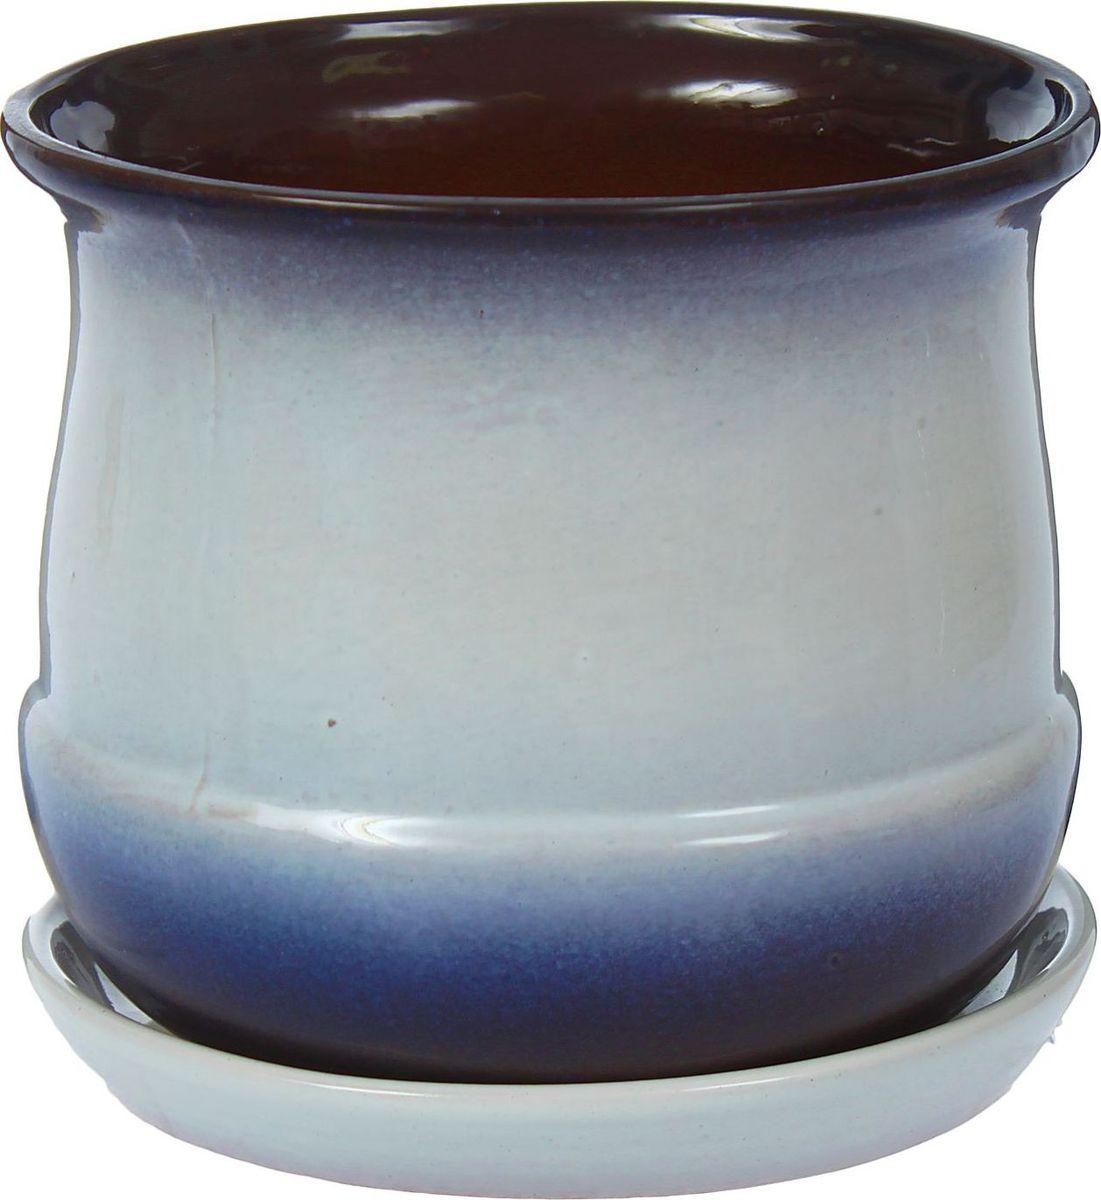 Кашпо Азалия, цвет: синий, белый, 1,5 л1321162Комнатные растения — всеобщие любимцы. Они радуют глаз, насыщают помещение кислородом и украшают пространство. Каждому из них необходим свой удобный и красивый дом. Кашпо из керамики прекрасно подходят для высадки растений: за счёт пластичности глины и разных способов обработки существует великое множество форм и дизайновпористый материал позволяет испаряться лишней влагевоздух, необходимый для дыхания корней, проникает сквозь керамические стенки! #name# позаботится о зелёном питомце, освежит интерьер и подчеркнёт его стиль.